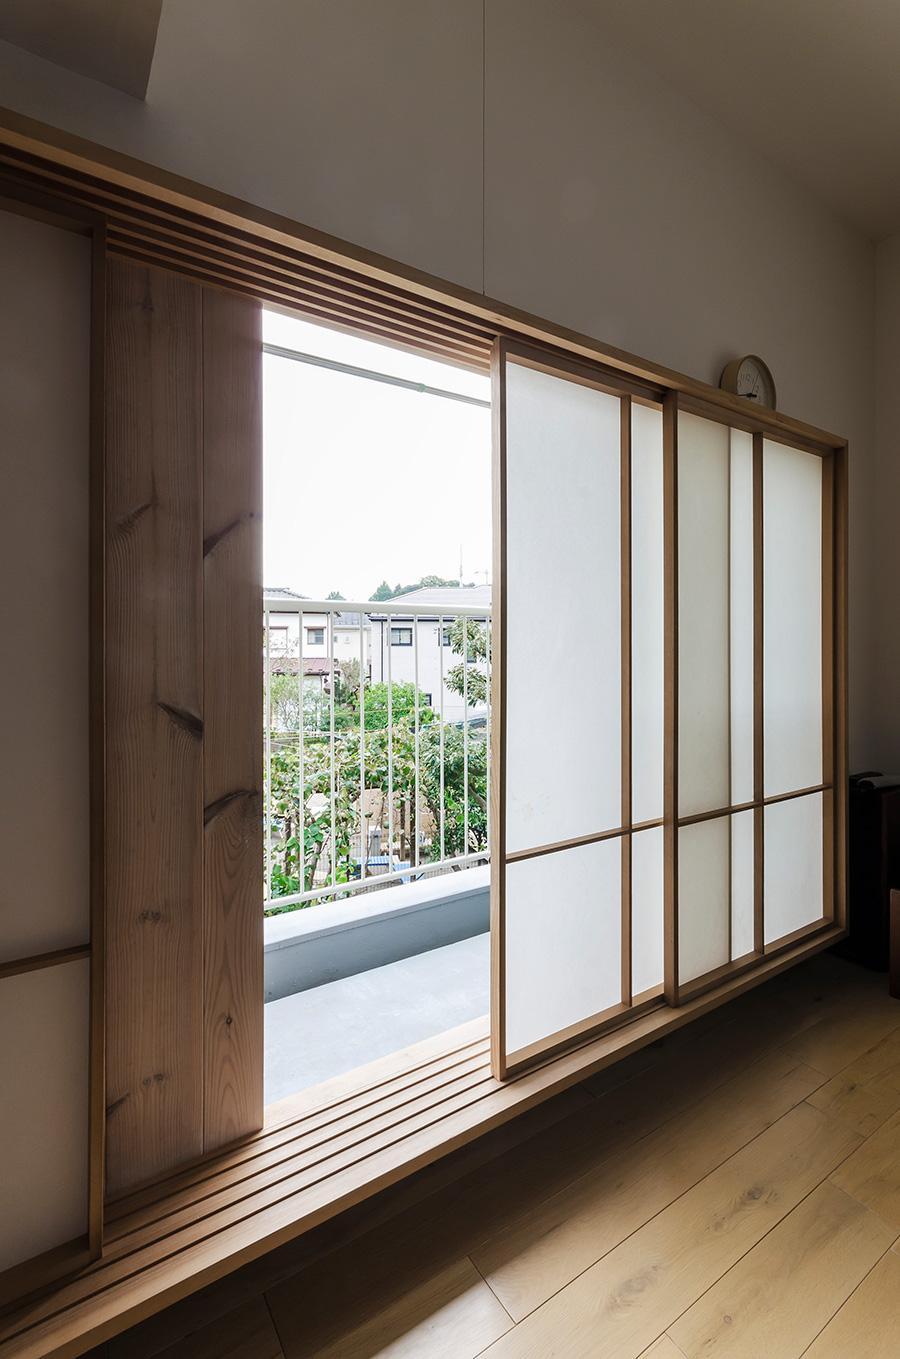 和の意匠を添える木枠と障子。サッシを隠しつつ、空気を閉じ込めて気密性を高める。オリジナルの障子はR不動産ツールボックス(http://www.r-toolbox.jp/door-window/)でも販売。